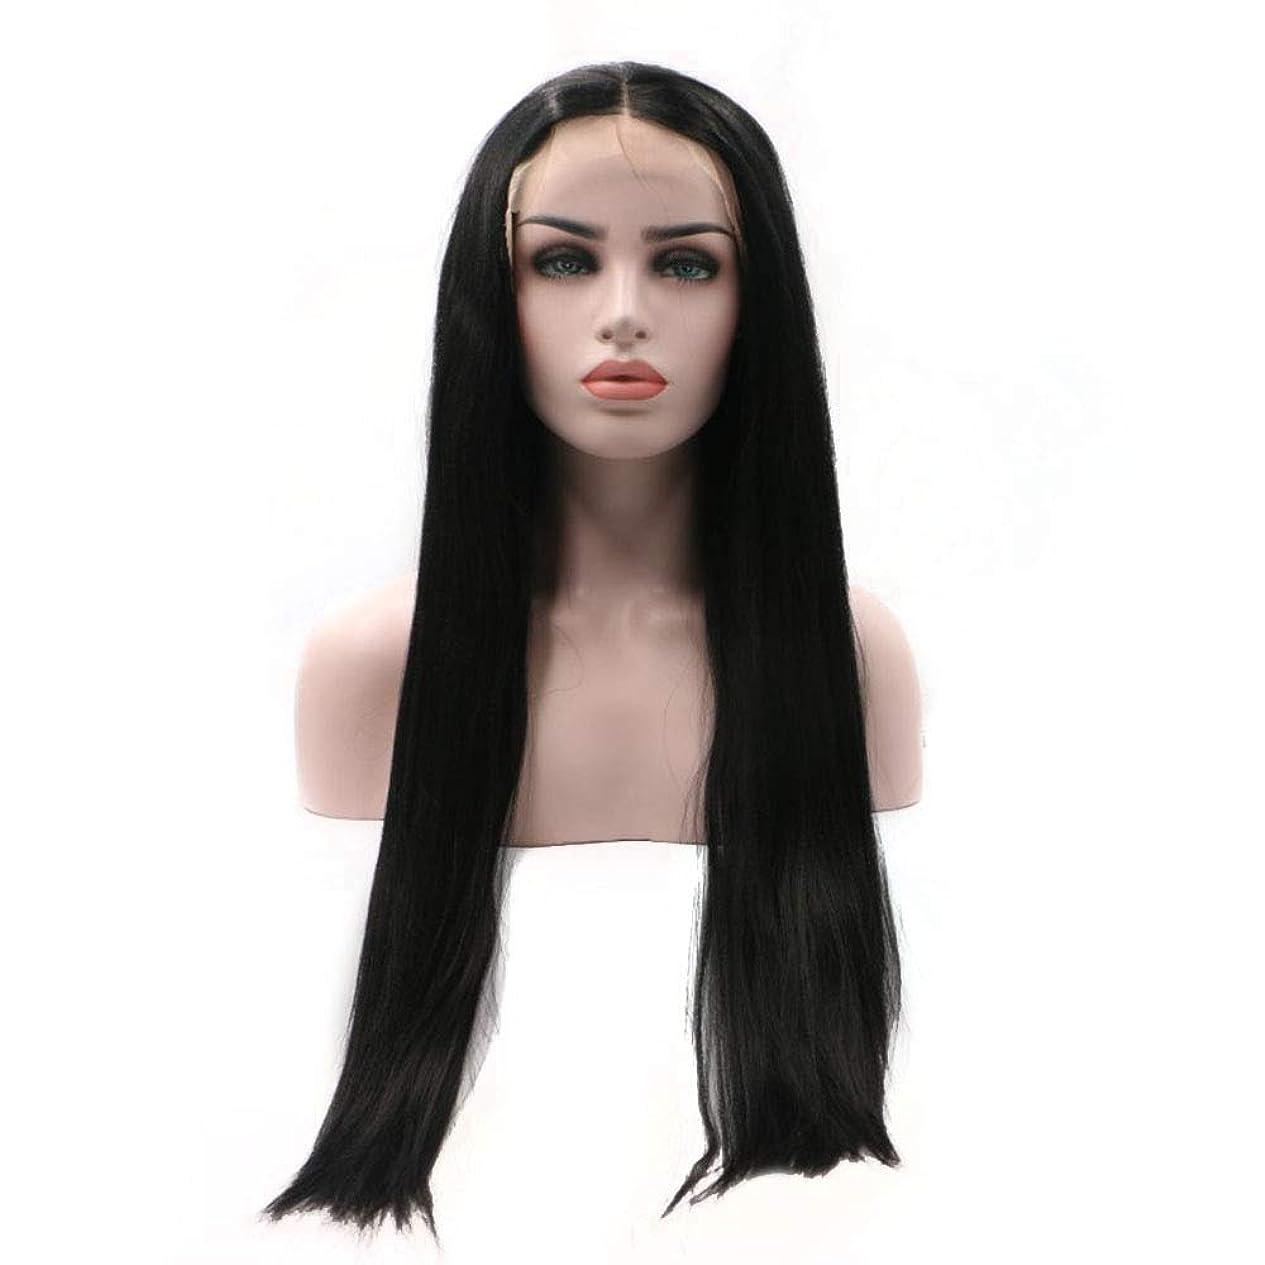 土ダーベビルのテス逆BOBIDYEE 合成髪レースかつらロールプレイングウィッグ黒ロングストレート髪化学繊維高温シルク手織りかつら (色 : 黒)